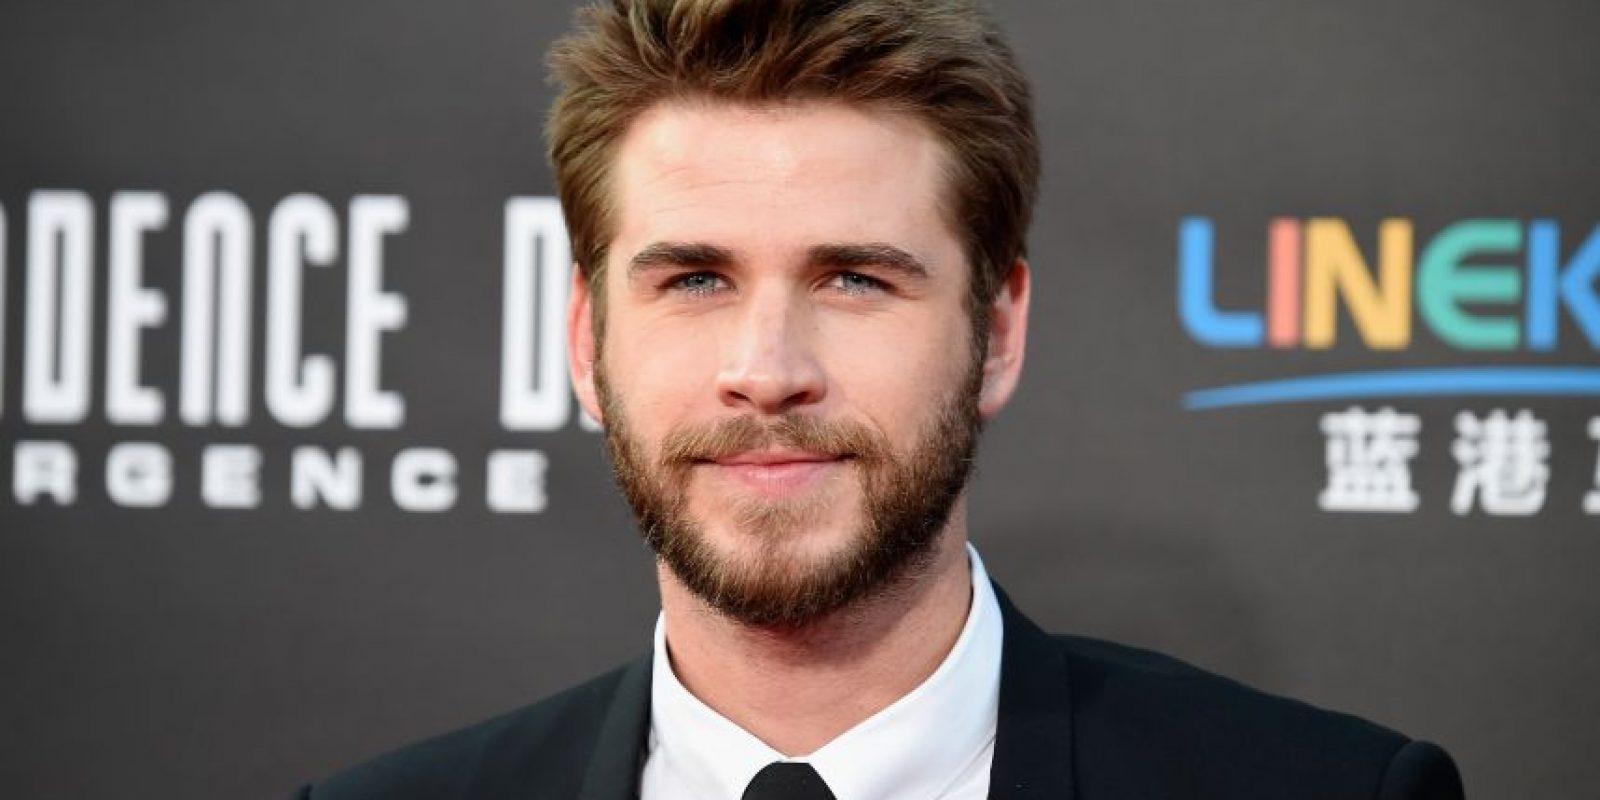 """Liam Hemsworth: """"Si alguna vez tengo la oportunidad, sí, me encantaría. Me fascina el espacio"""". Foto:Fuente Externa"""